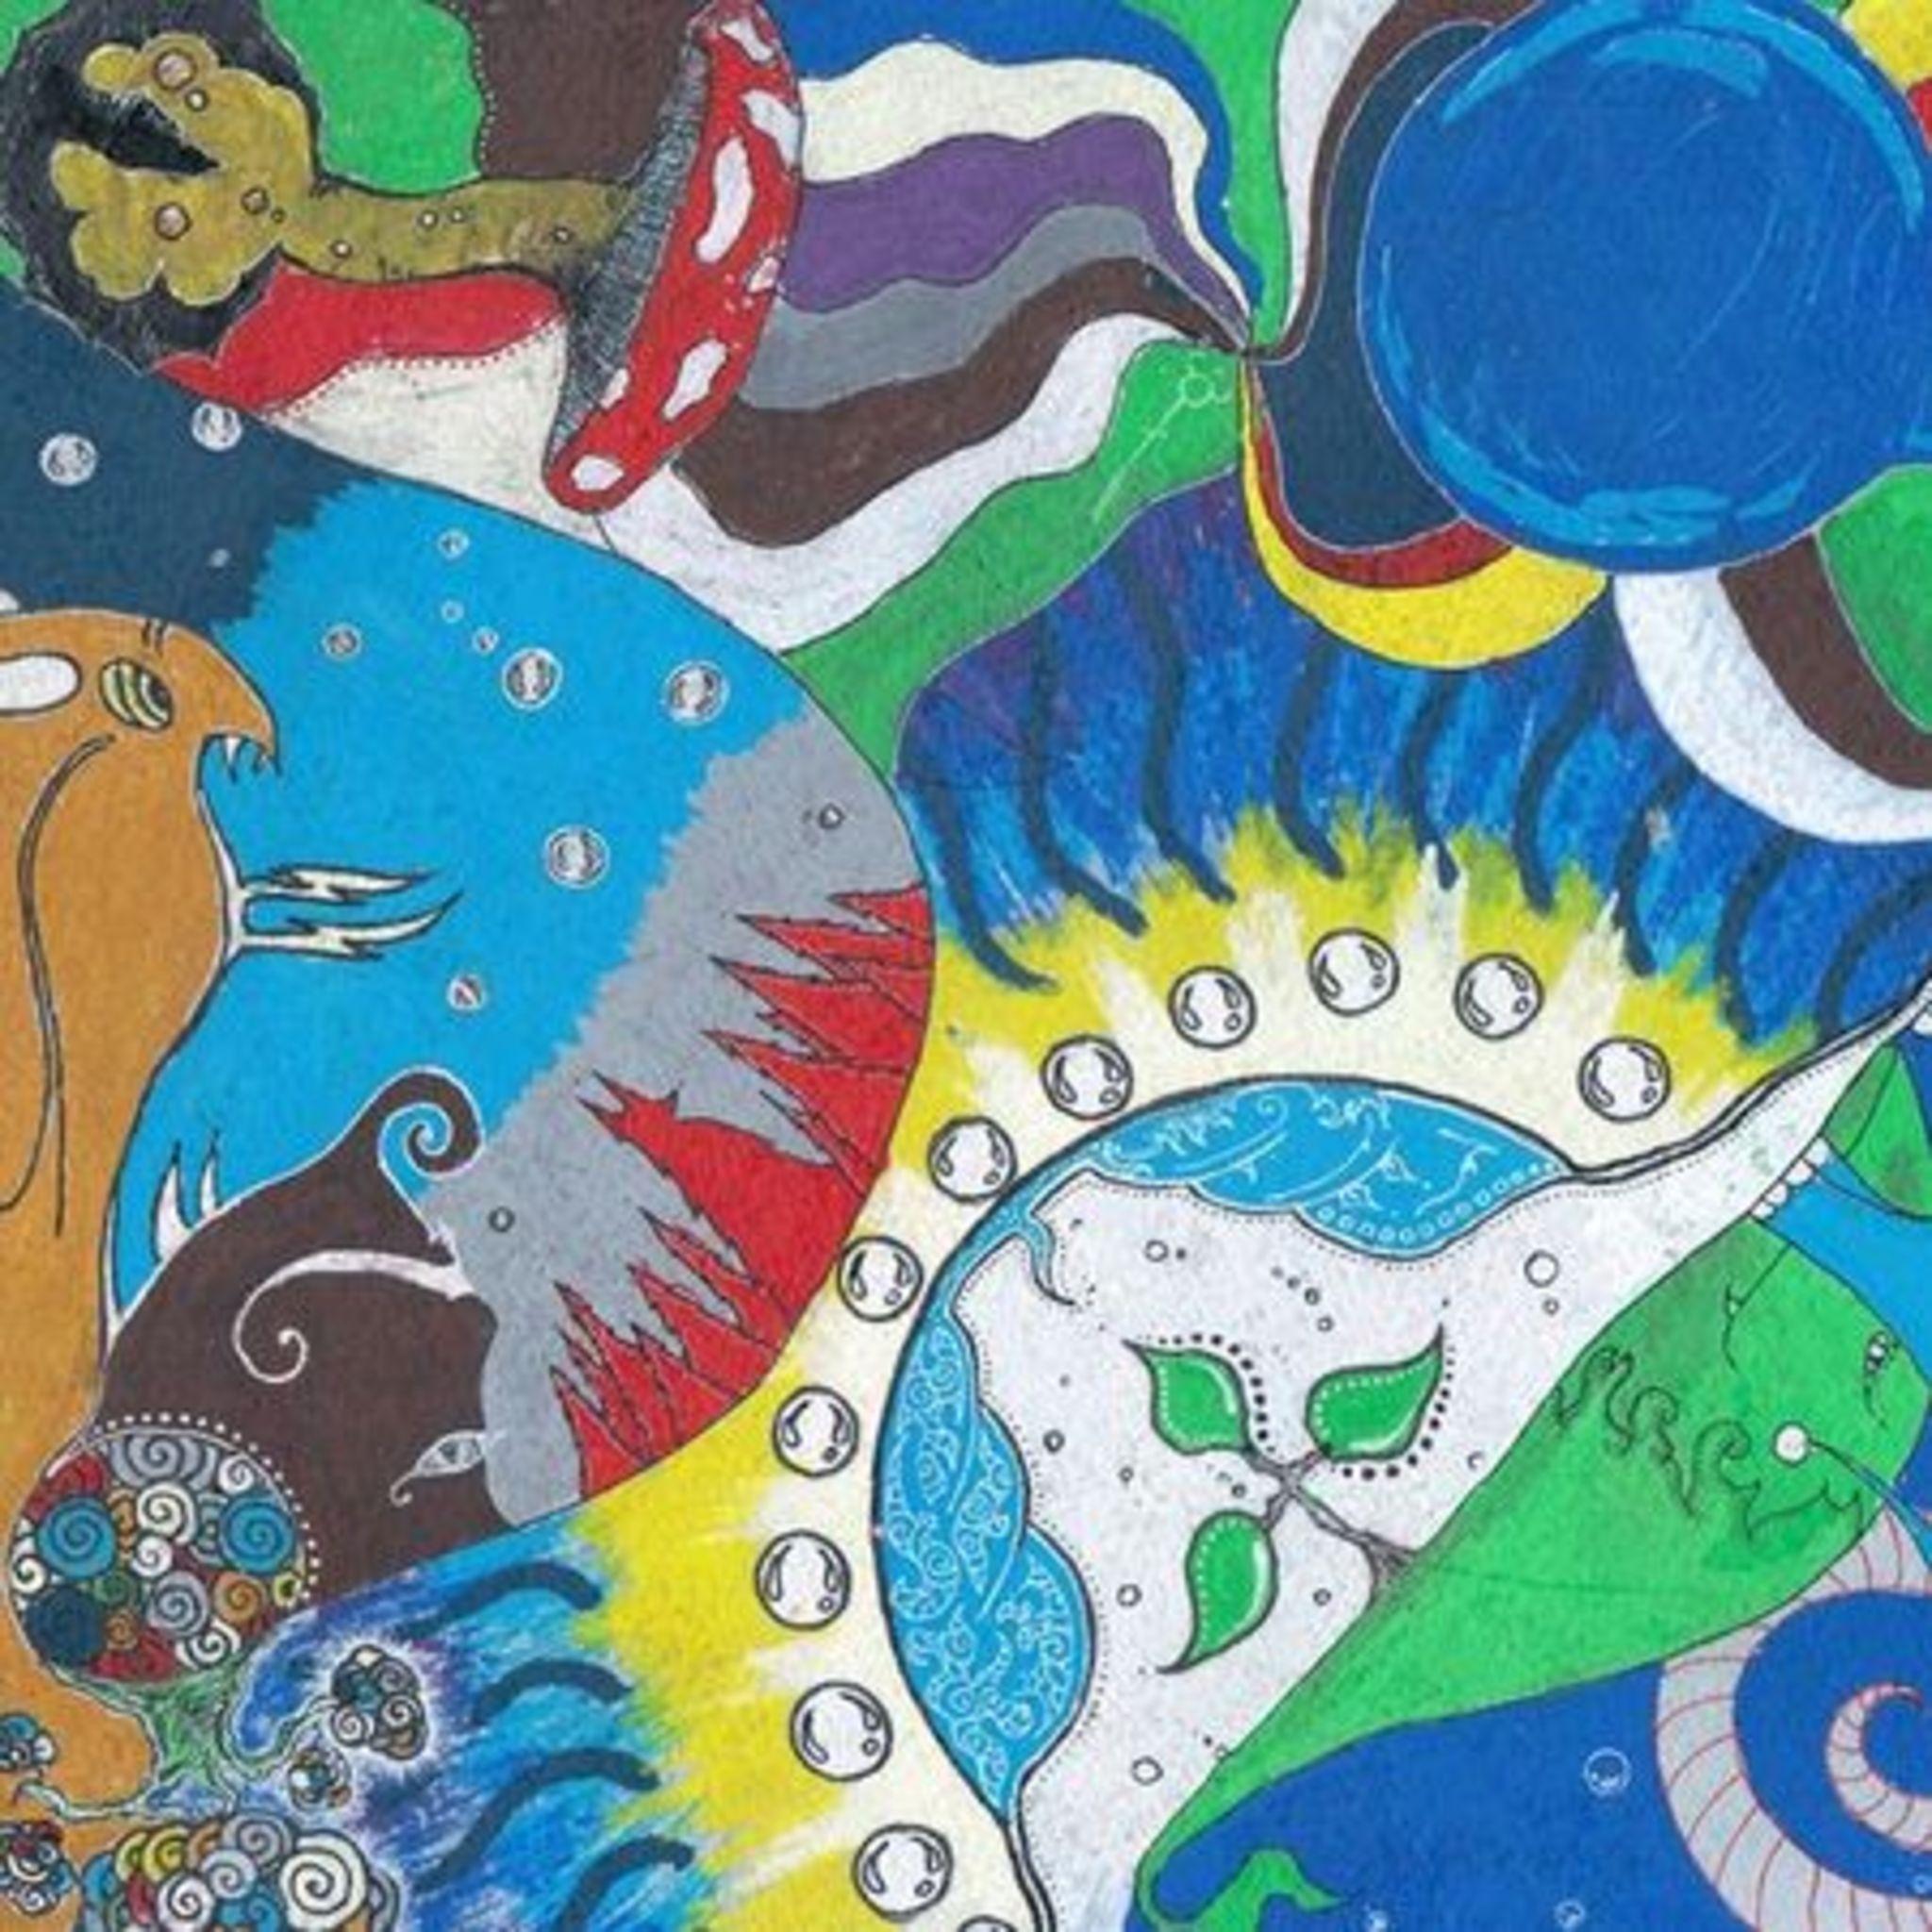 Выставка Альберт Хамарт «MultiSpace»